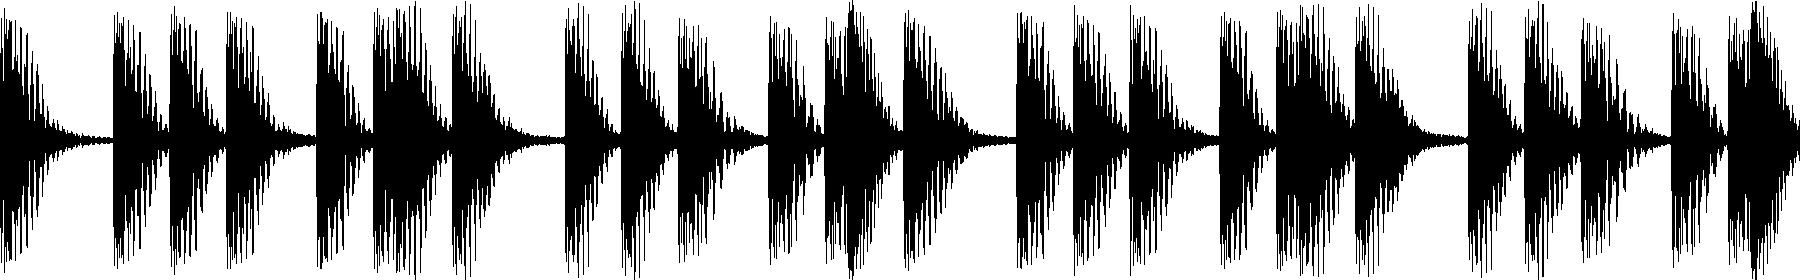 vedh melodyloop 041 fm gm cm 124bpm